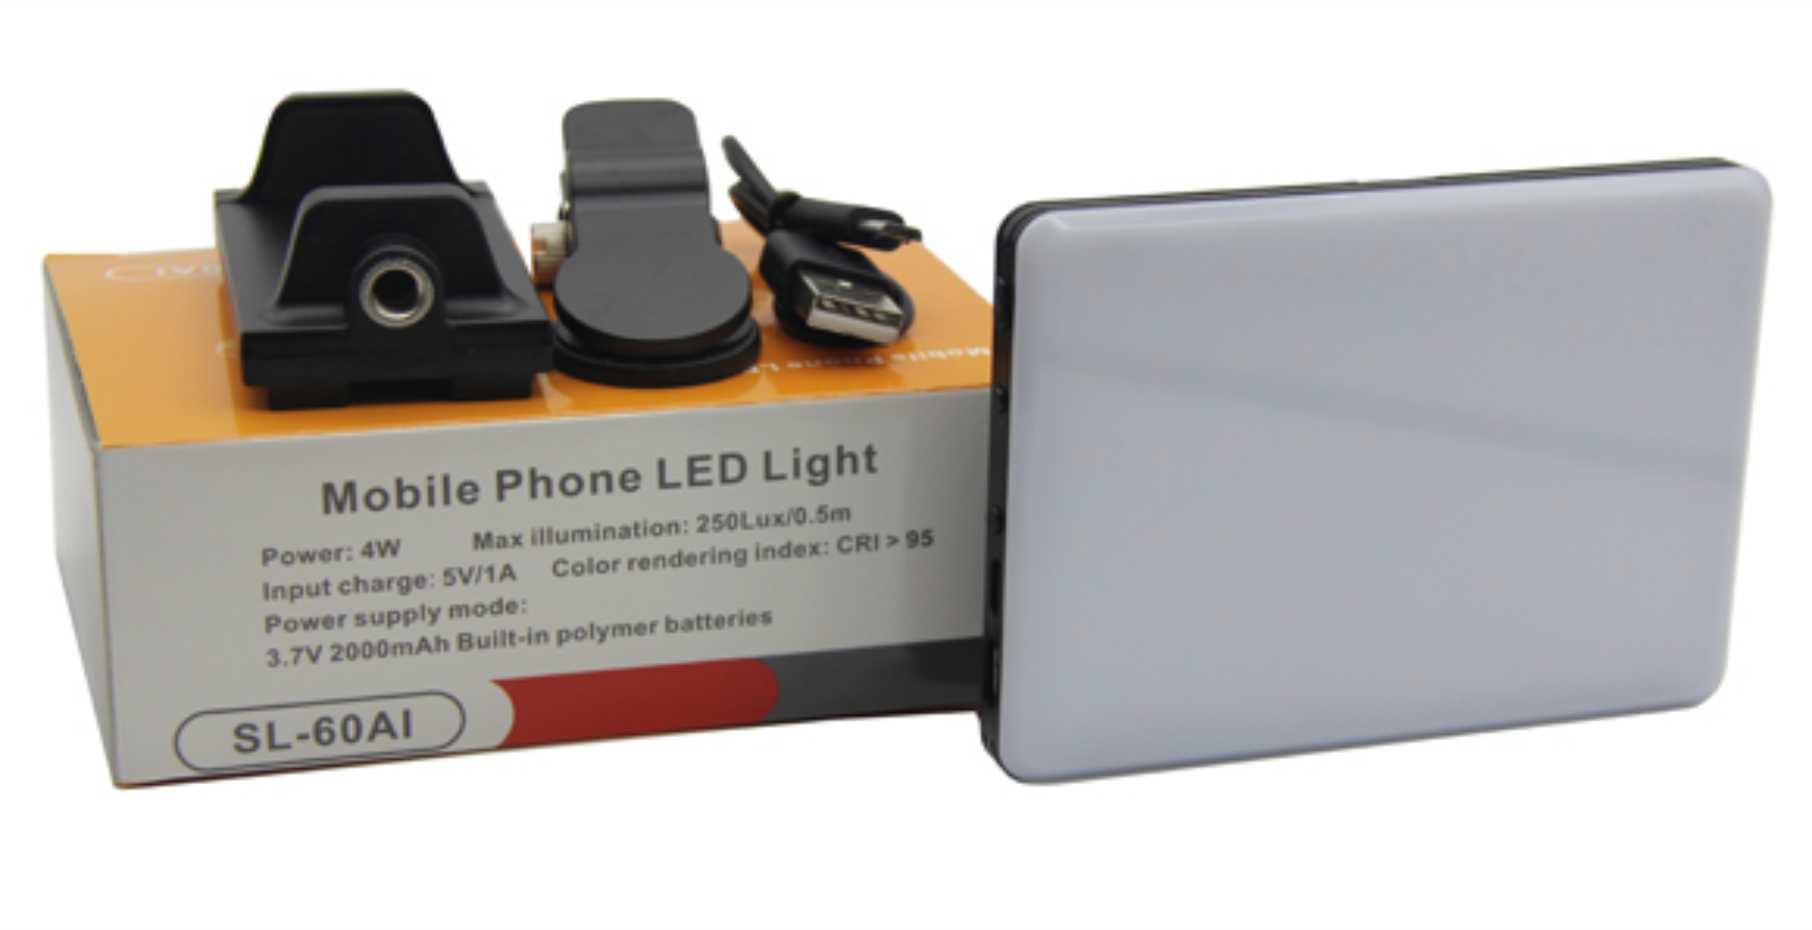 Luz de LED para celular  SL-60AI 2000 mAh